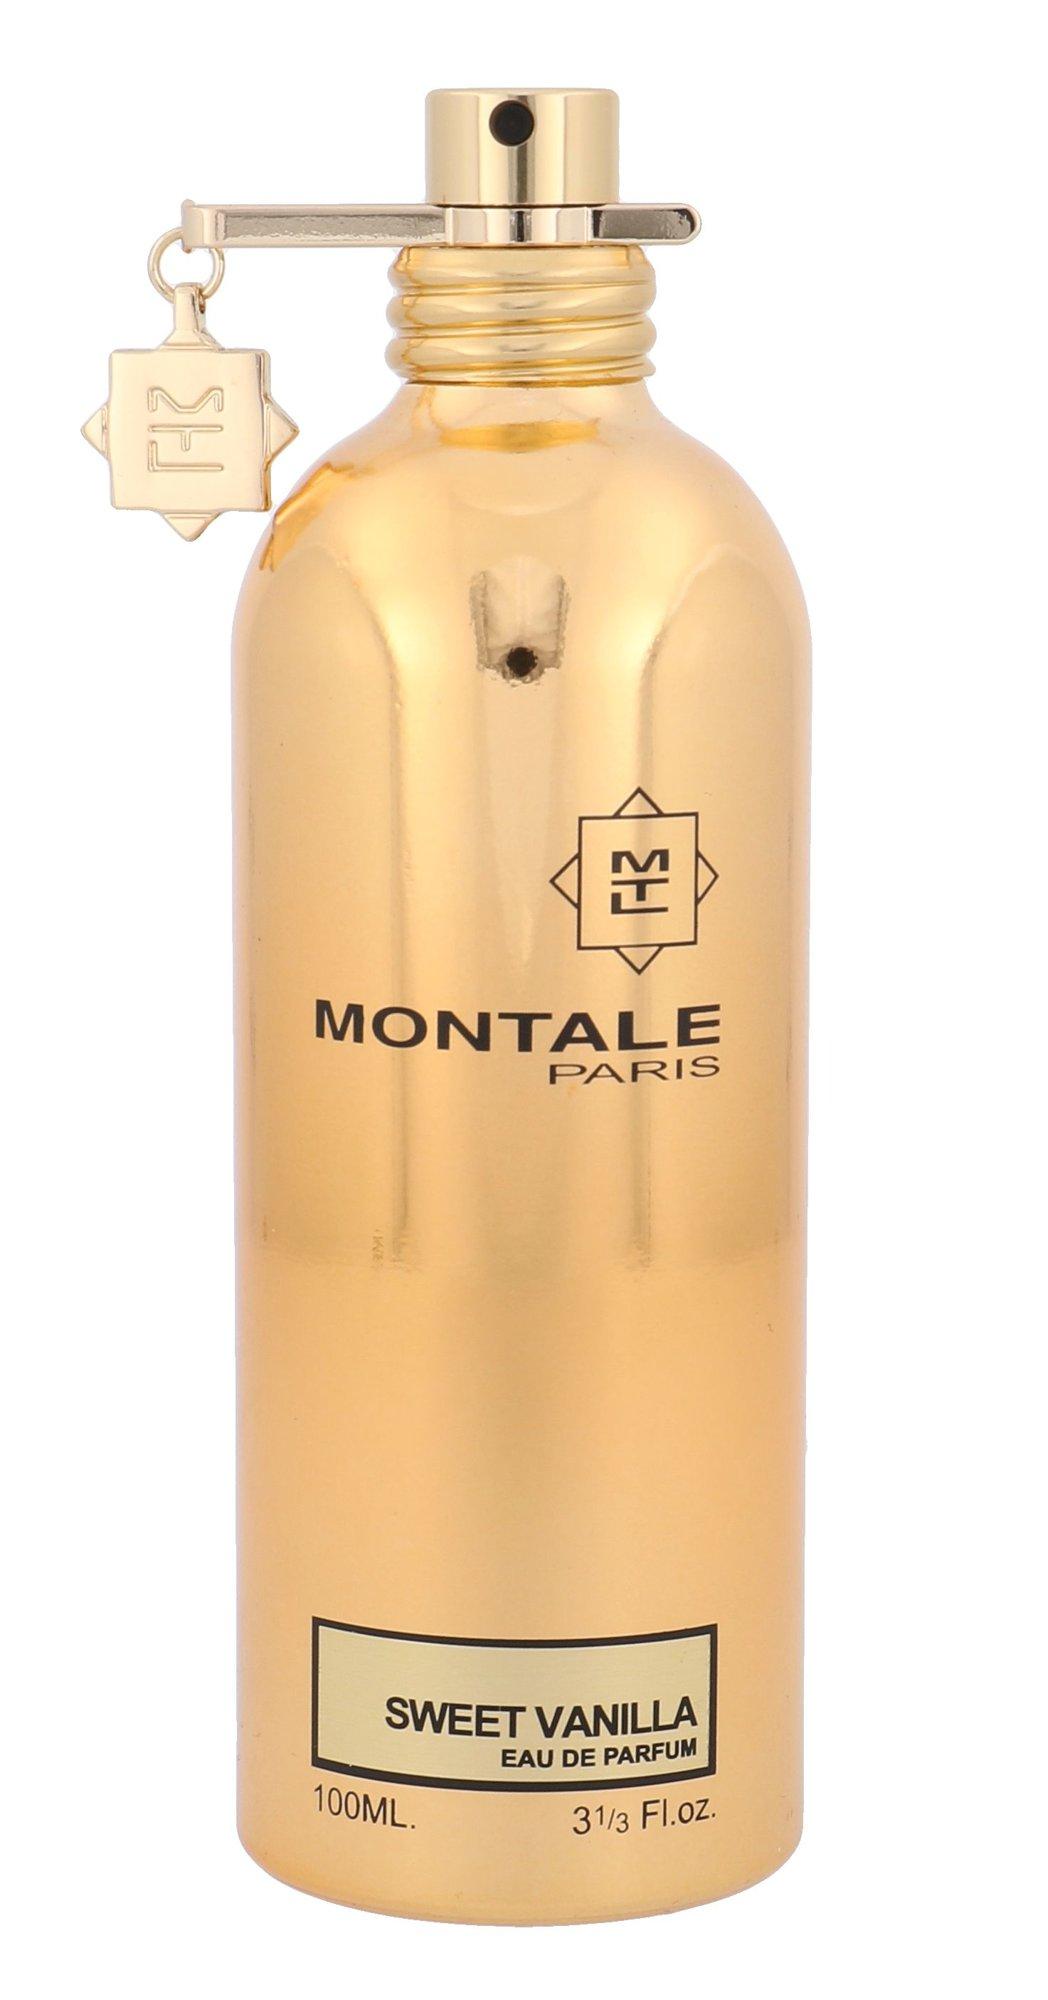 Montale Paris Sweet Vanilla Eau de Parfum 100ml